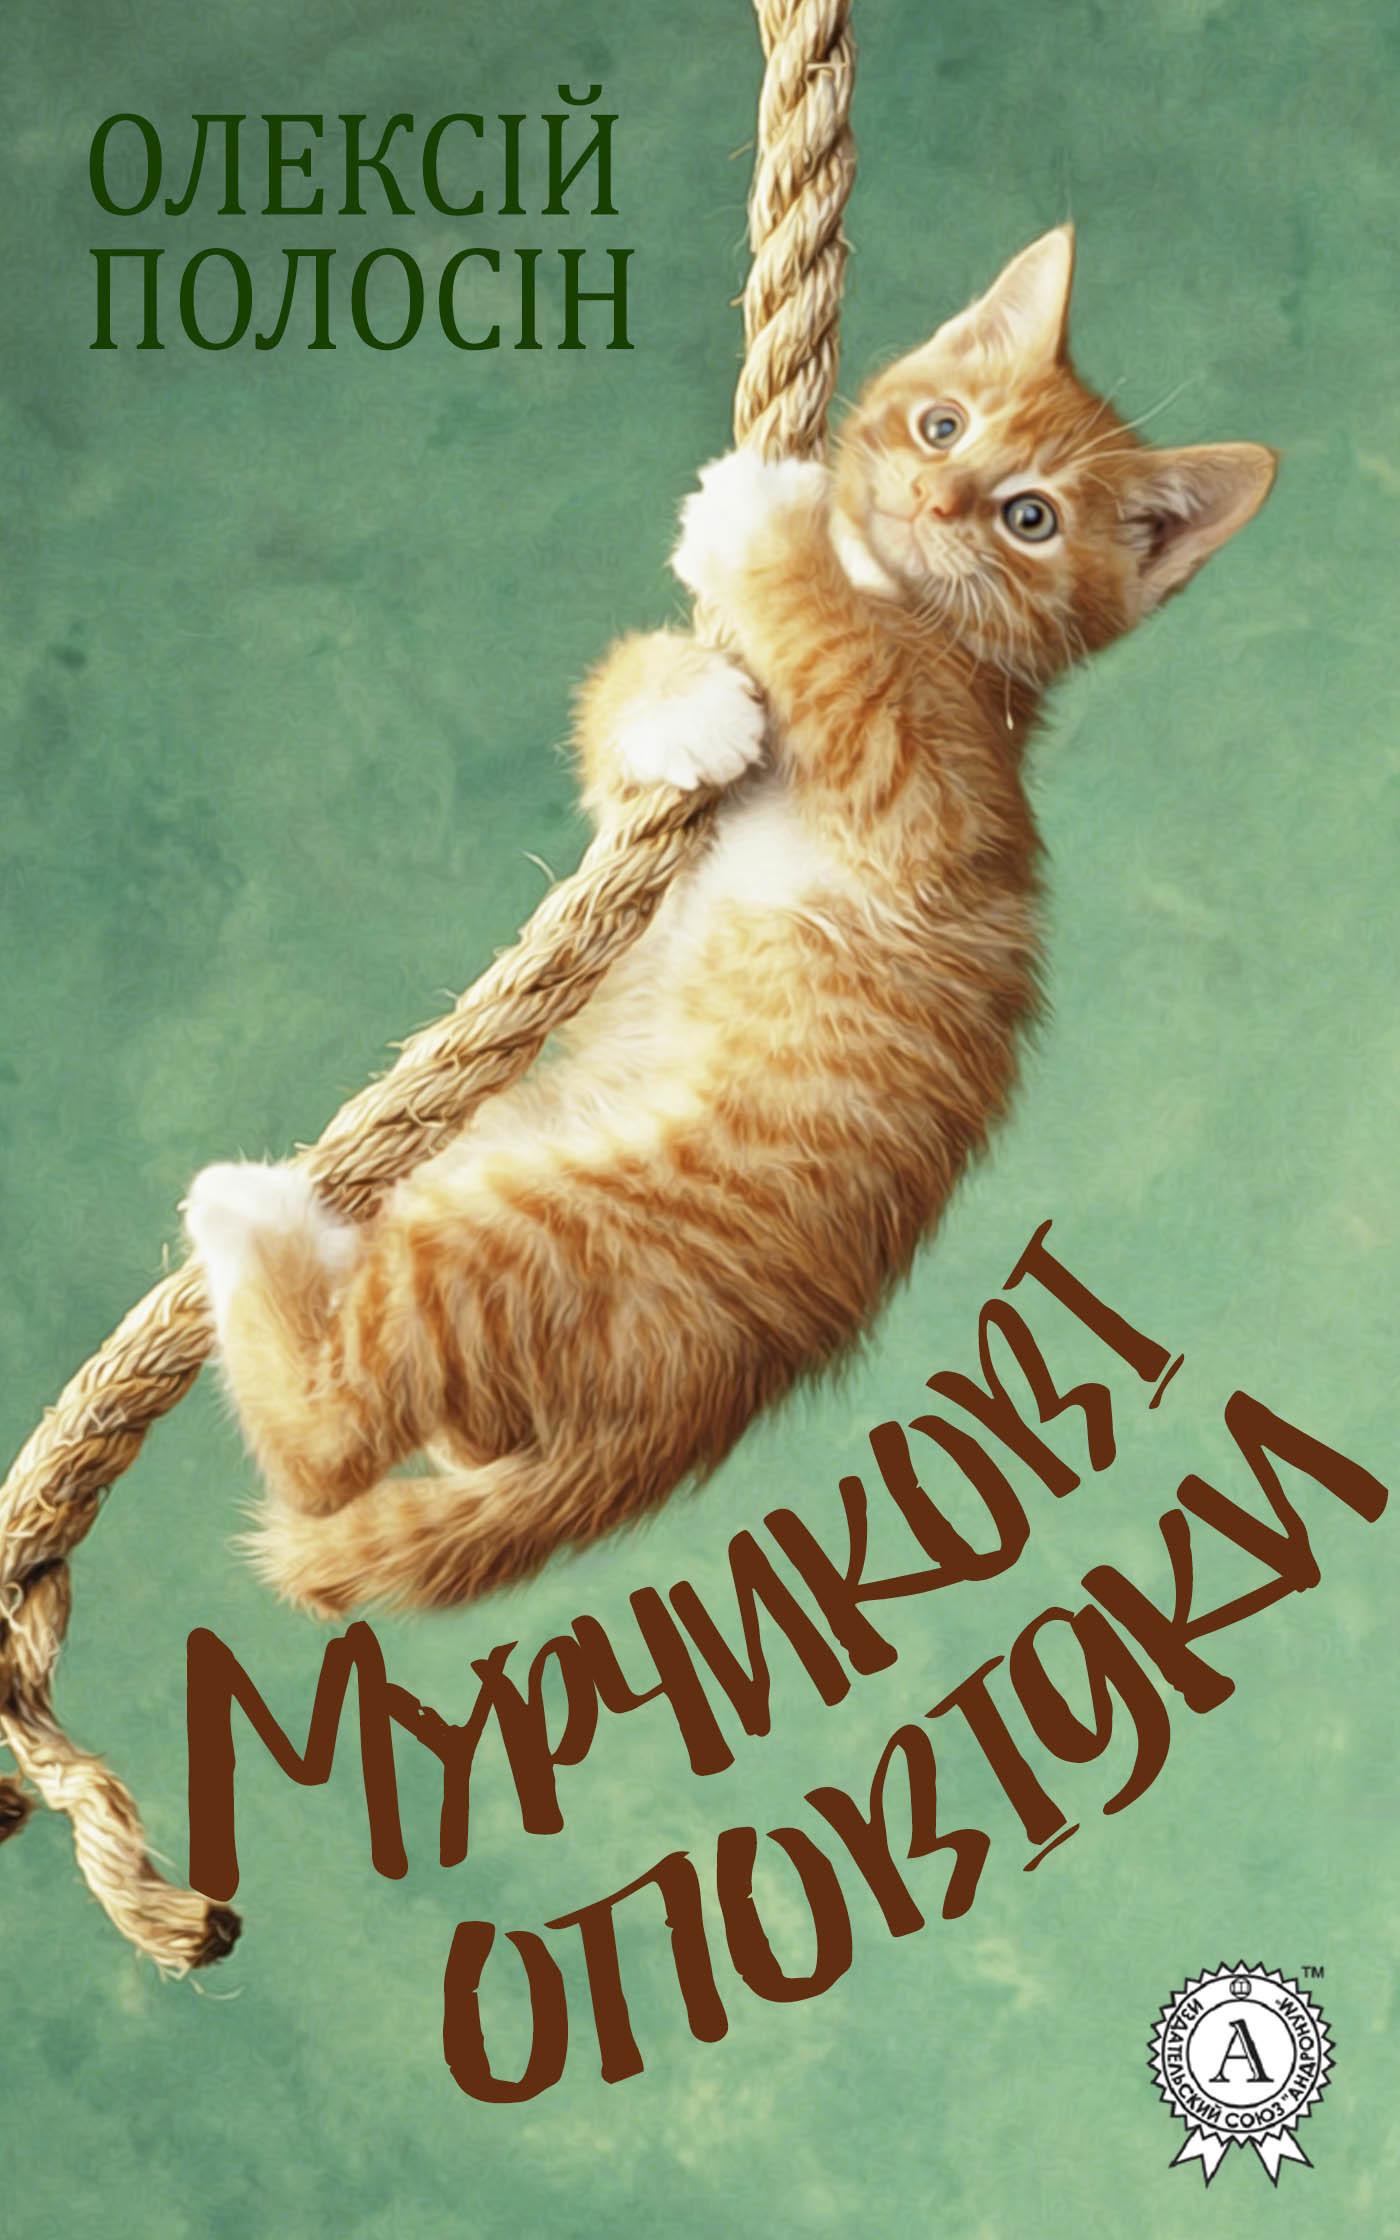 Олексій Полосін Мурчикові оповідки